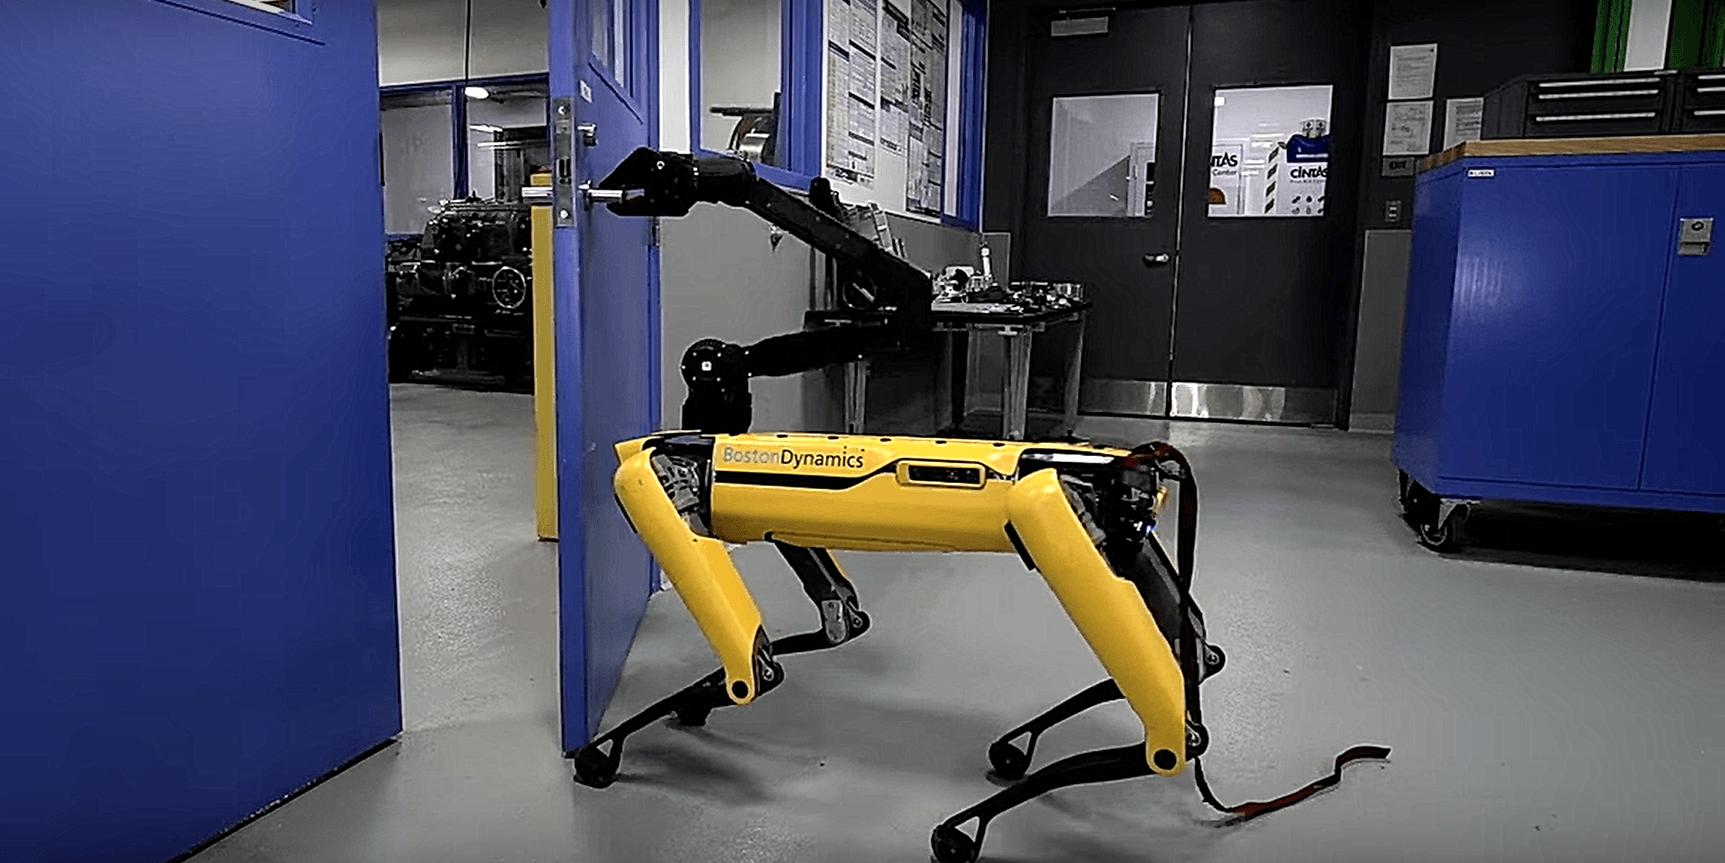 Świetna, ale i niepokojąca wiadomość: Robot SpotMini od Boston Dynamics wkrótce trafi do sprzedaży 21